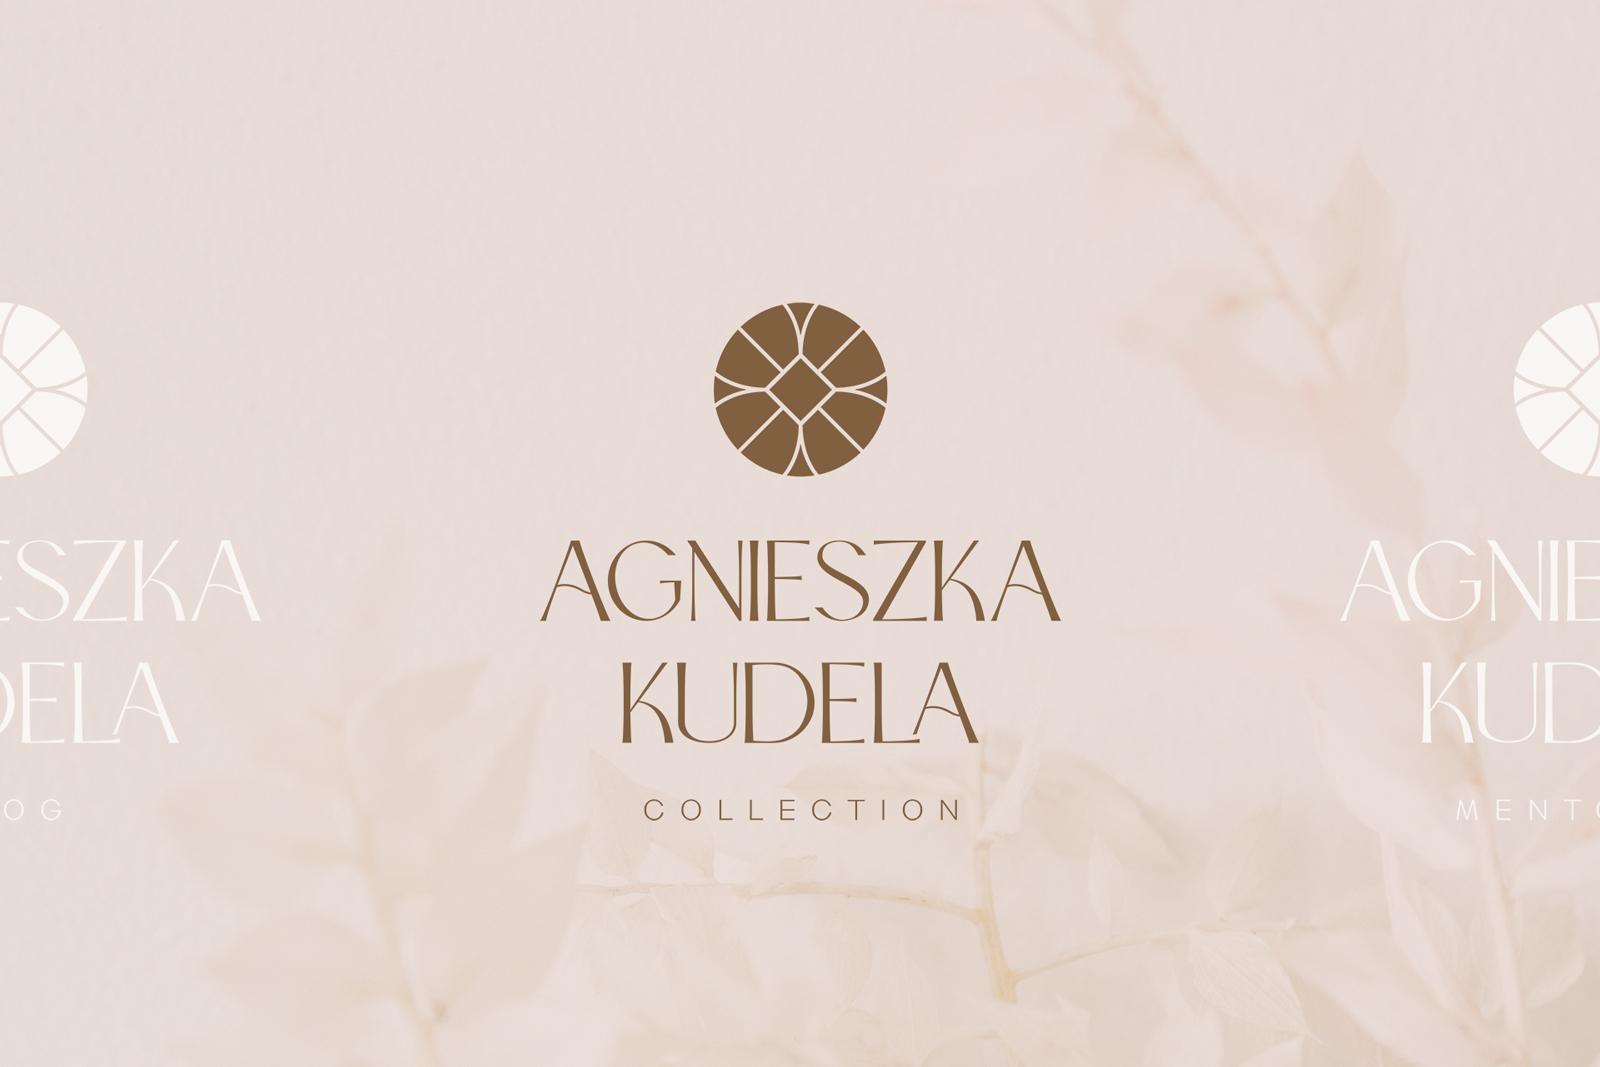 Agnieszka Kudela | Portfolio Moyemu | Identyfikacja wizualna, logo dla firmy, papeteria firmowa, materiały firmowe, grafiki reklamowe